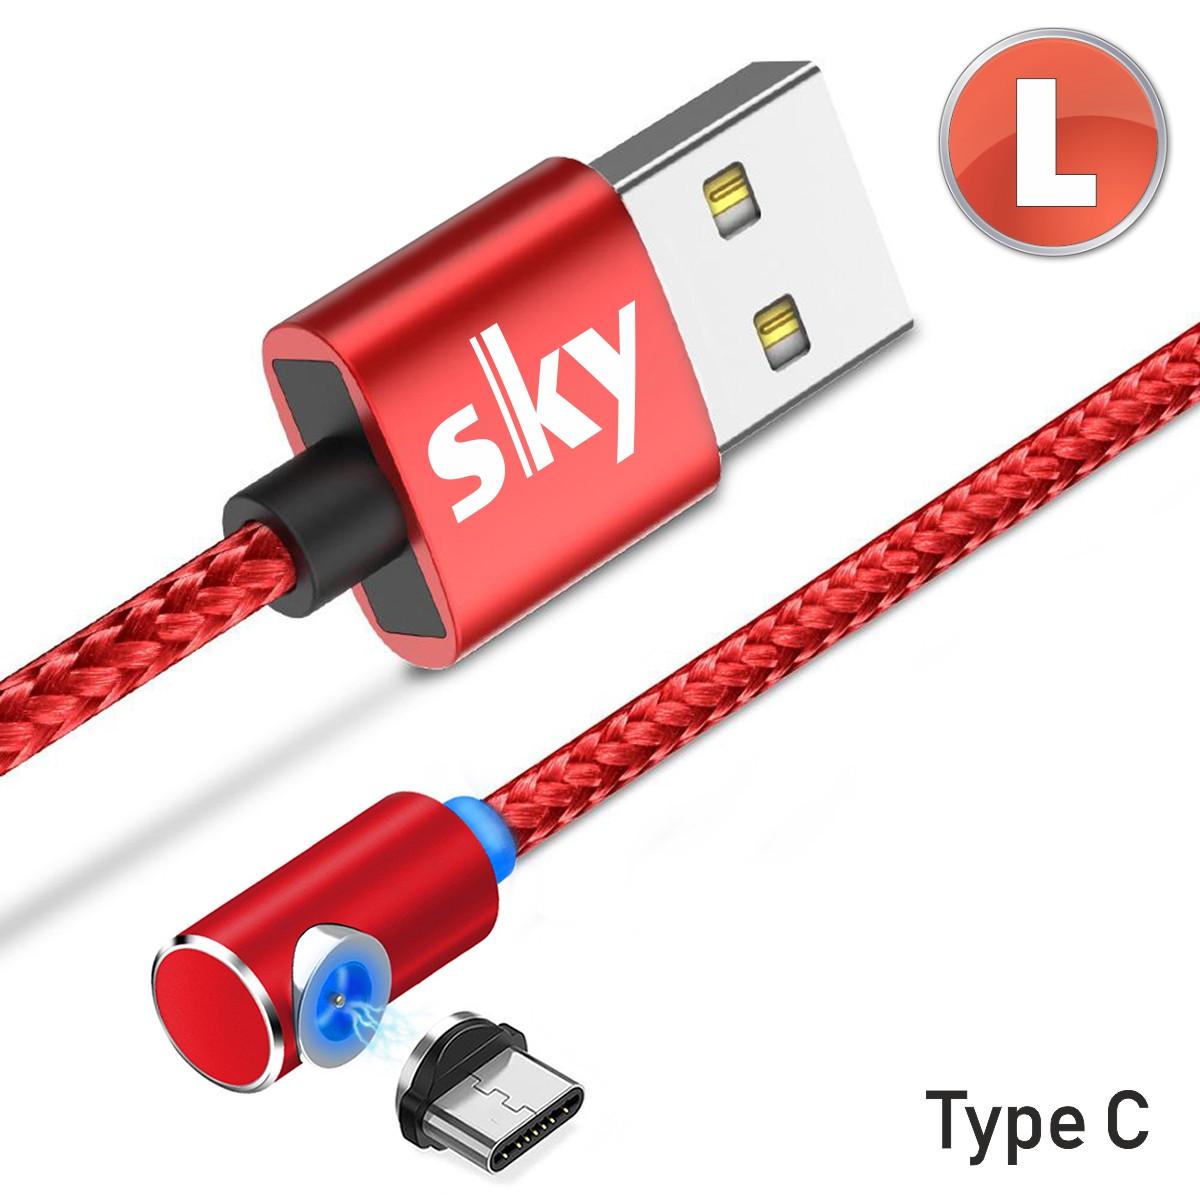 Магнитный кабель SKY type C (L) для зарядки (100 см) Red